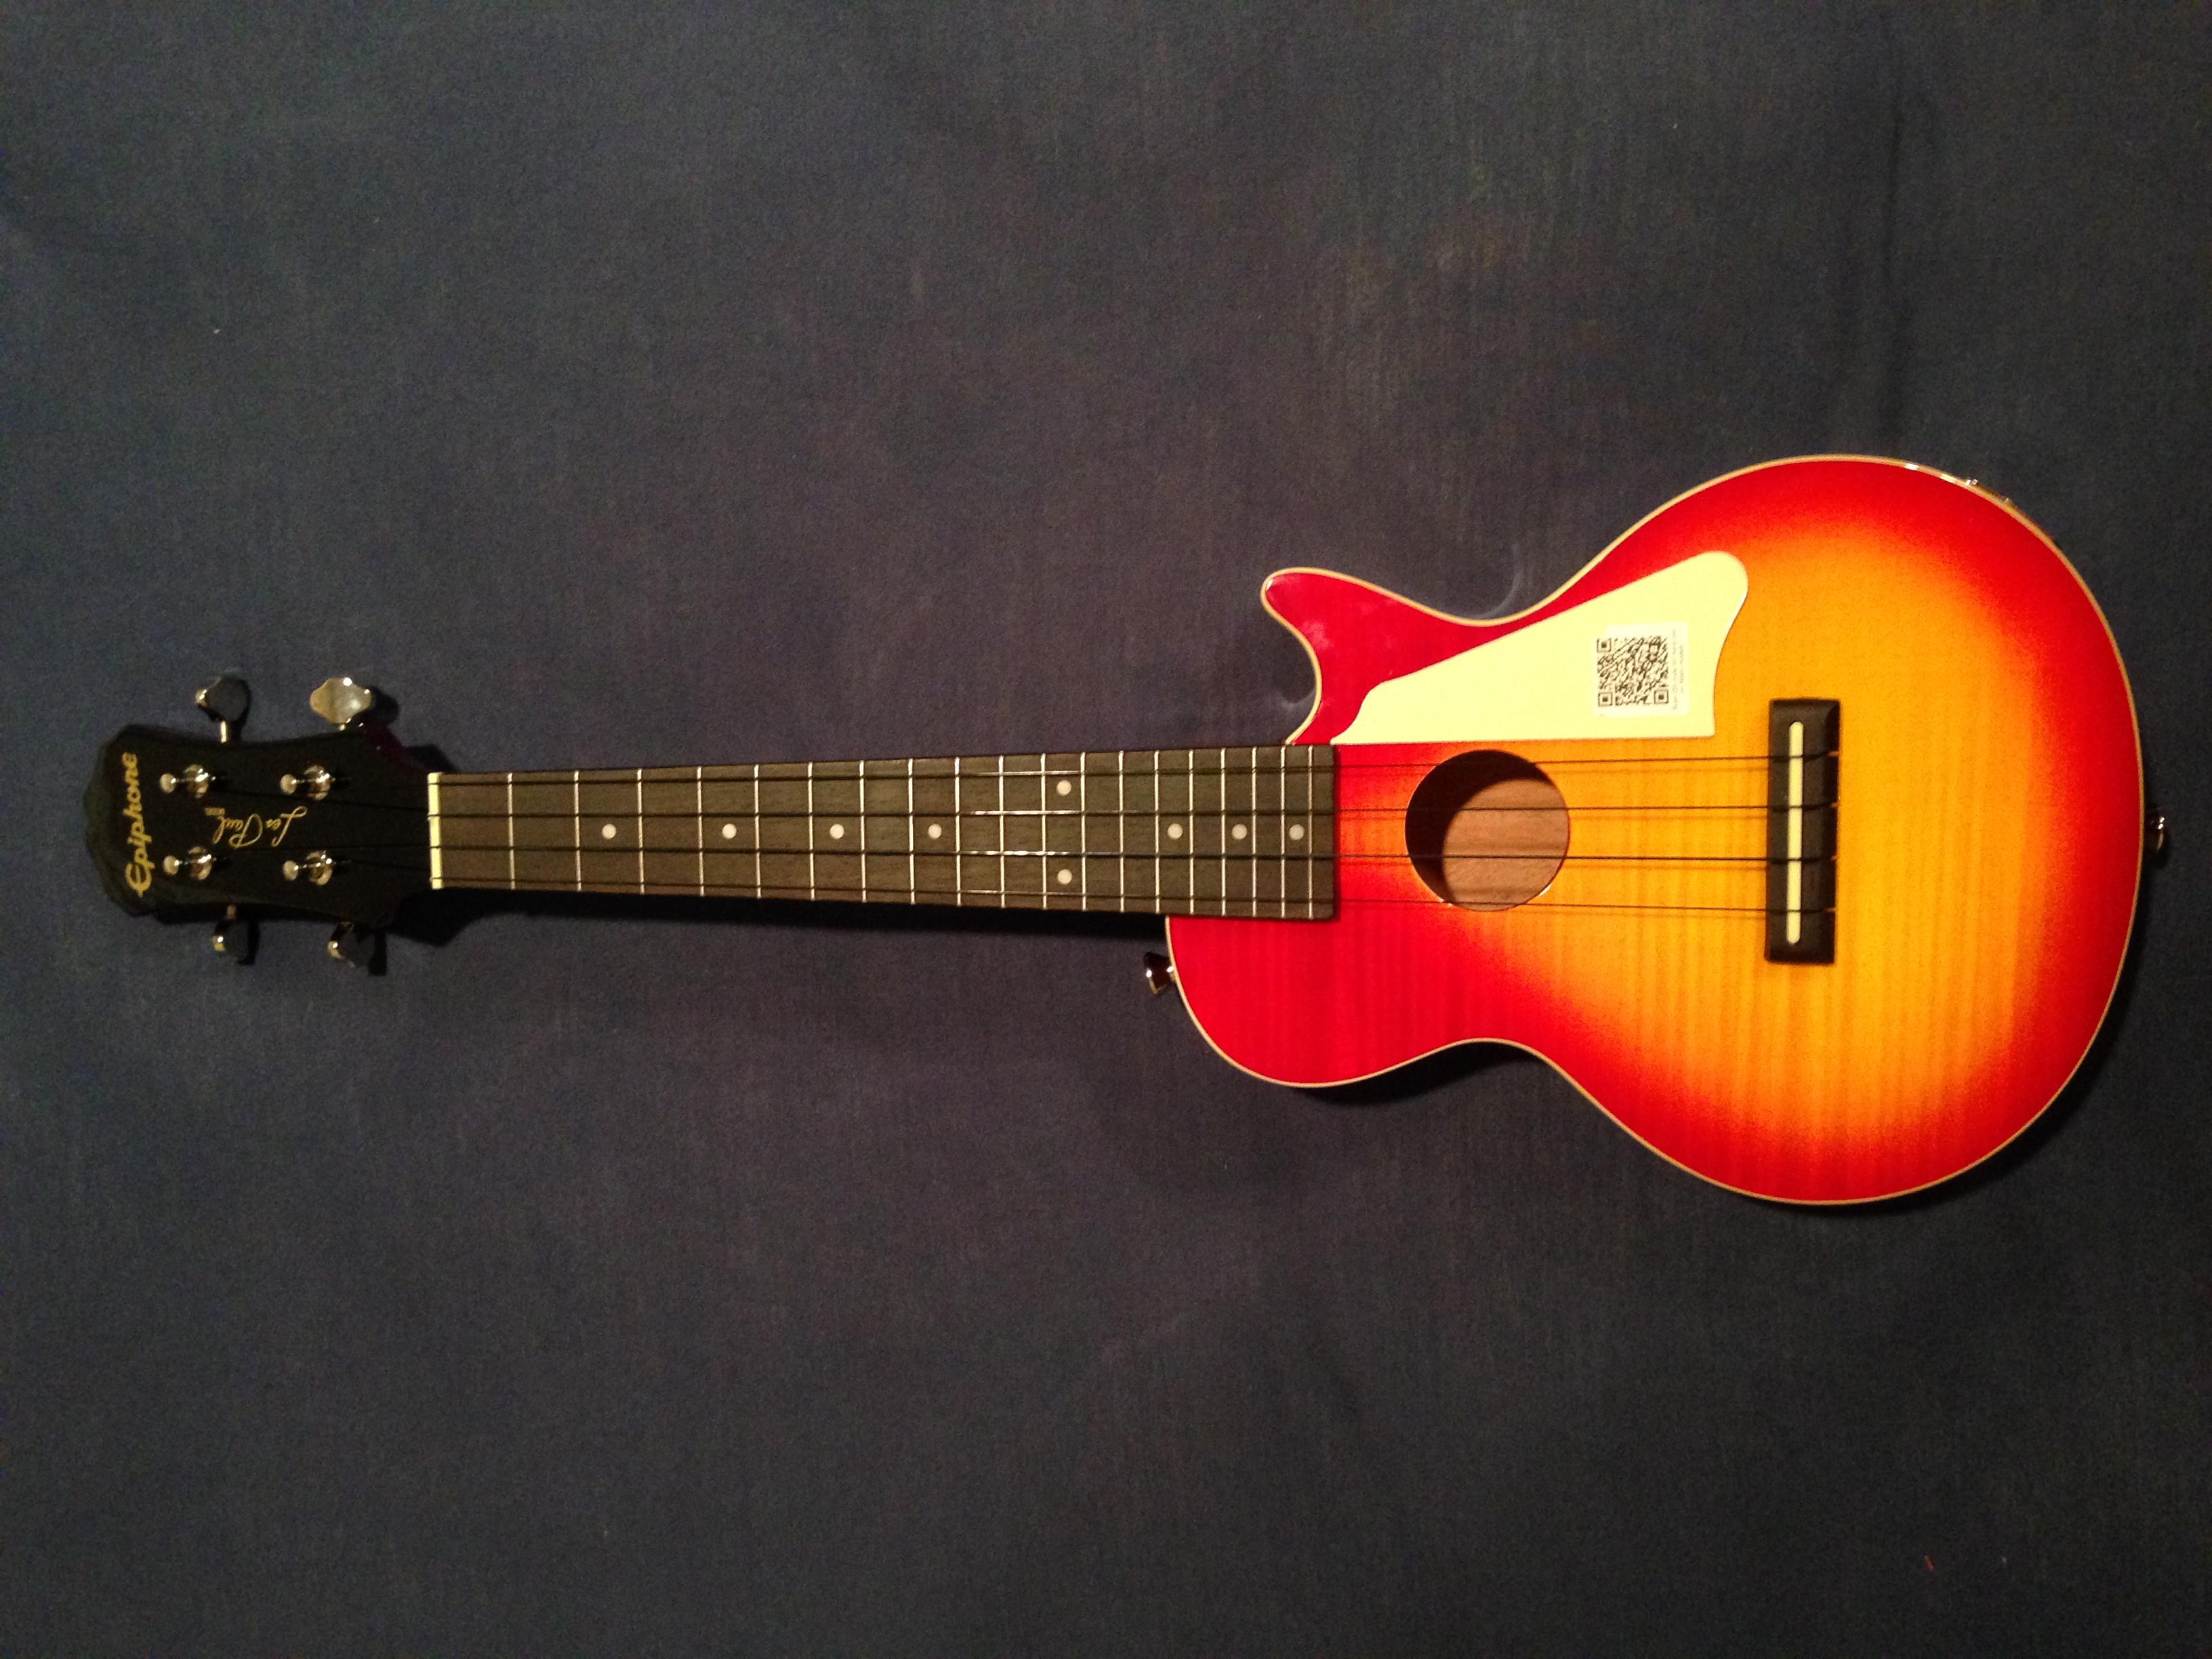 Electric ukulele - Wikipedia